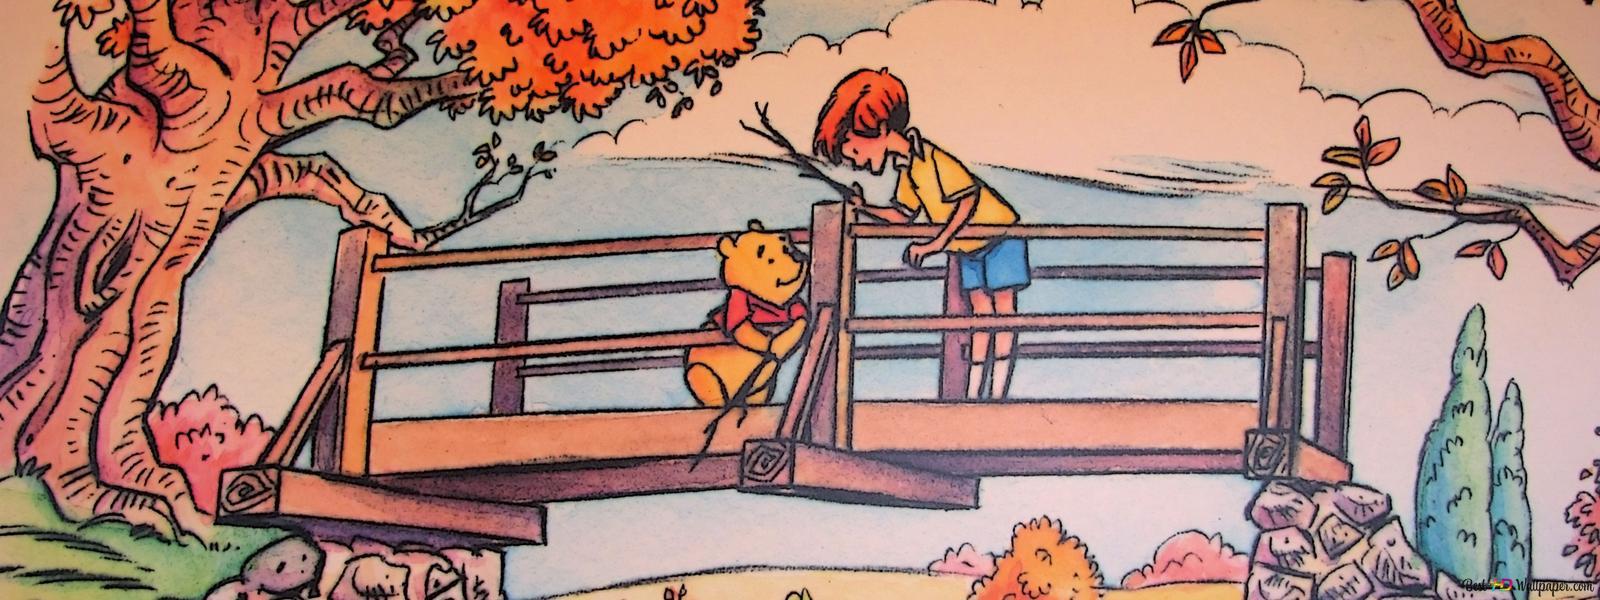 Ogni personaggio del cartone winnie the pooh rappresenta un